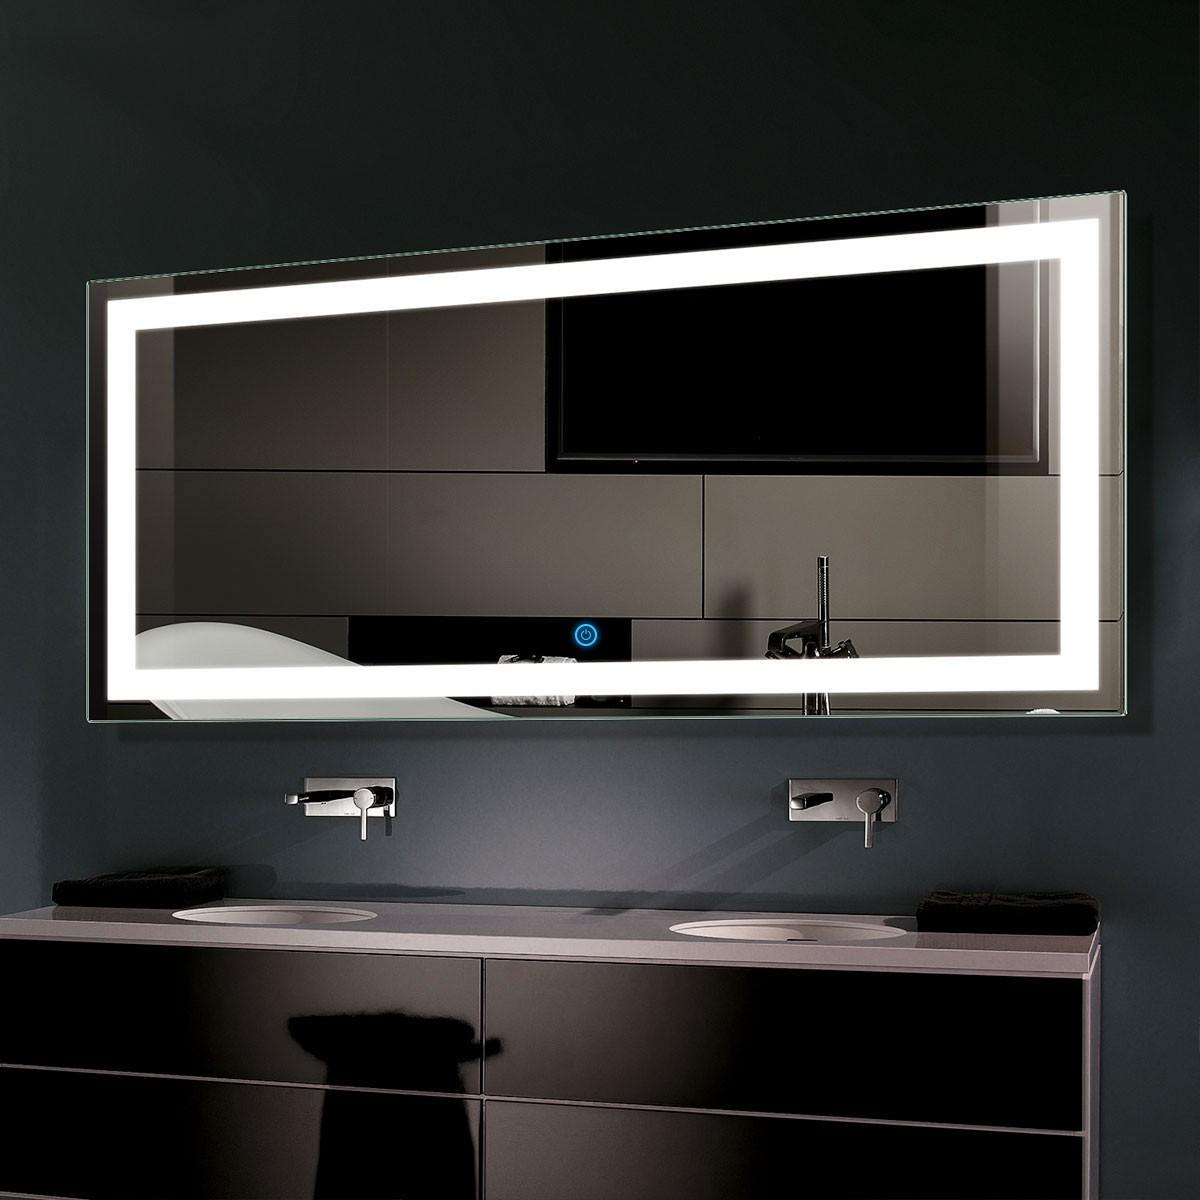 60 x 28 po miroir de salle de bain LED horizontal avec bouton tactile (DK-OD-CK010-C)